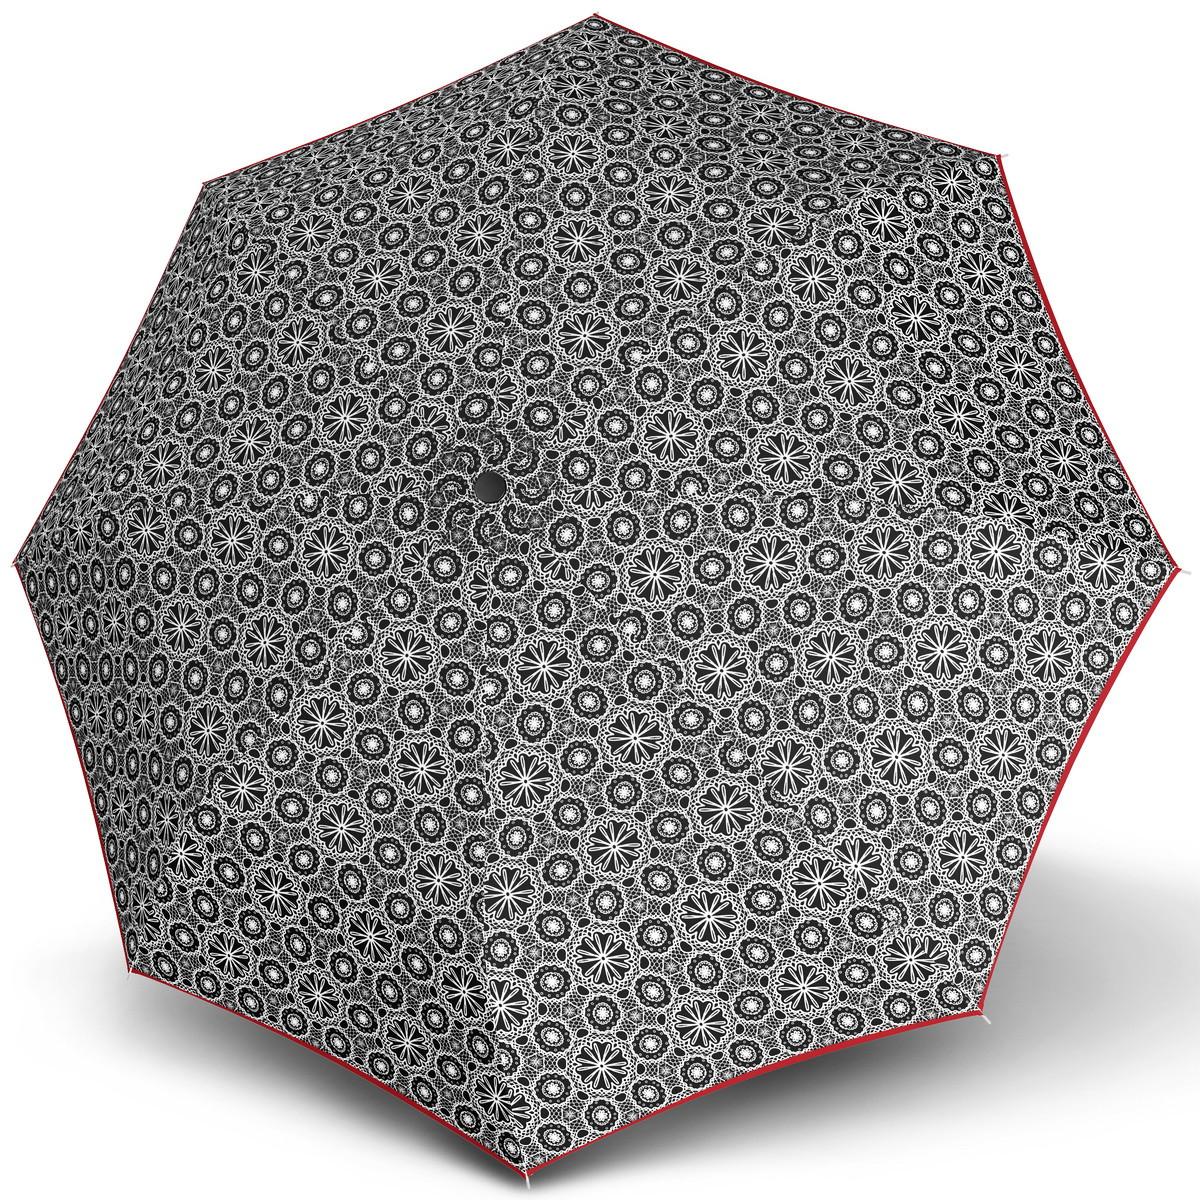 Зонт Doppler 744165PL-9 коллекция DERBY, Антиветер